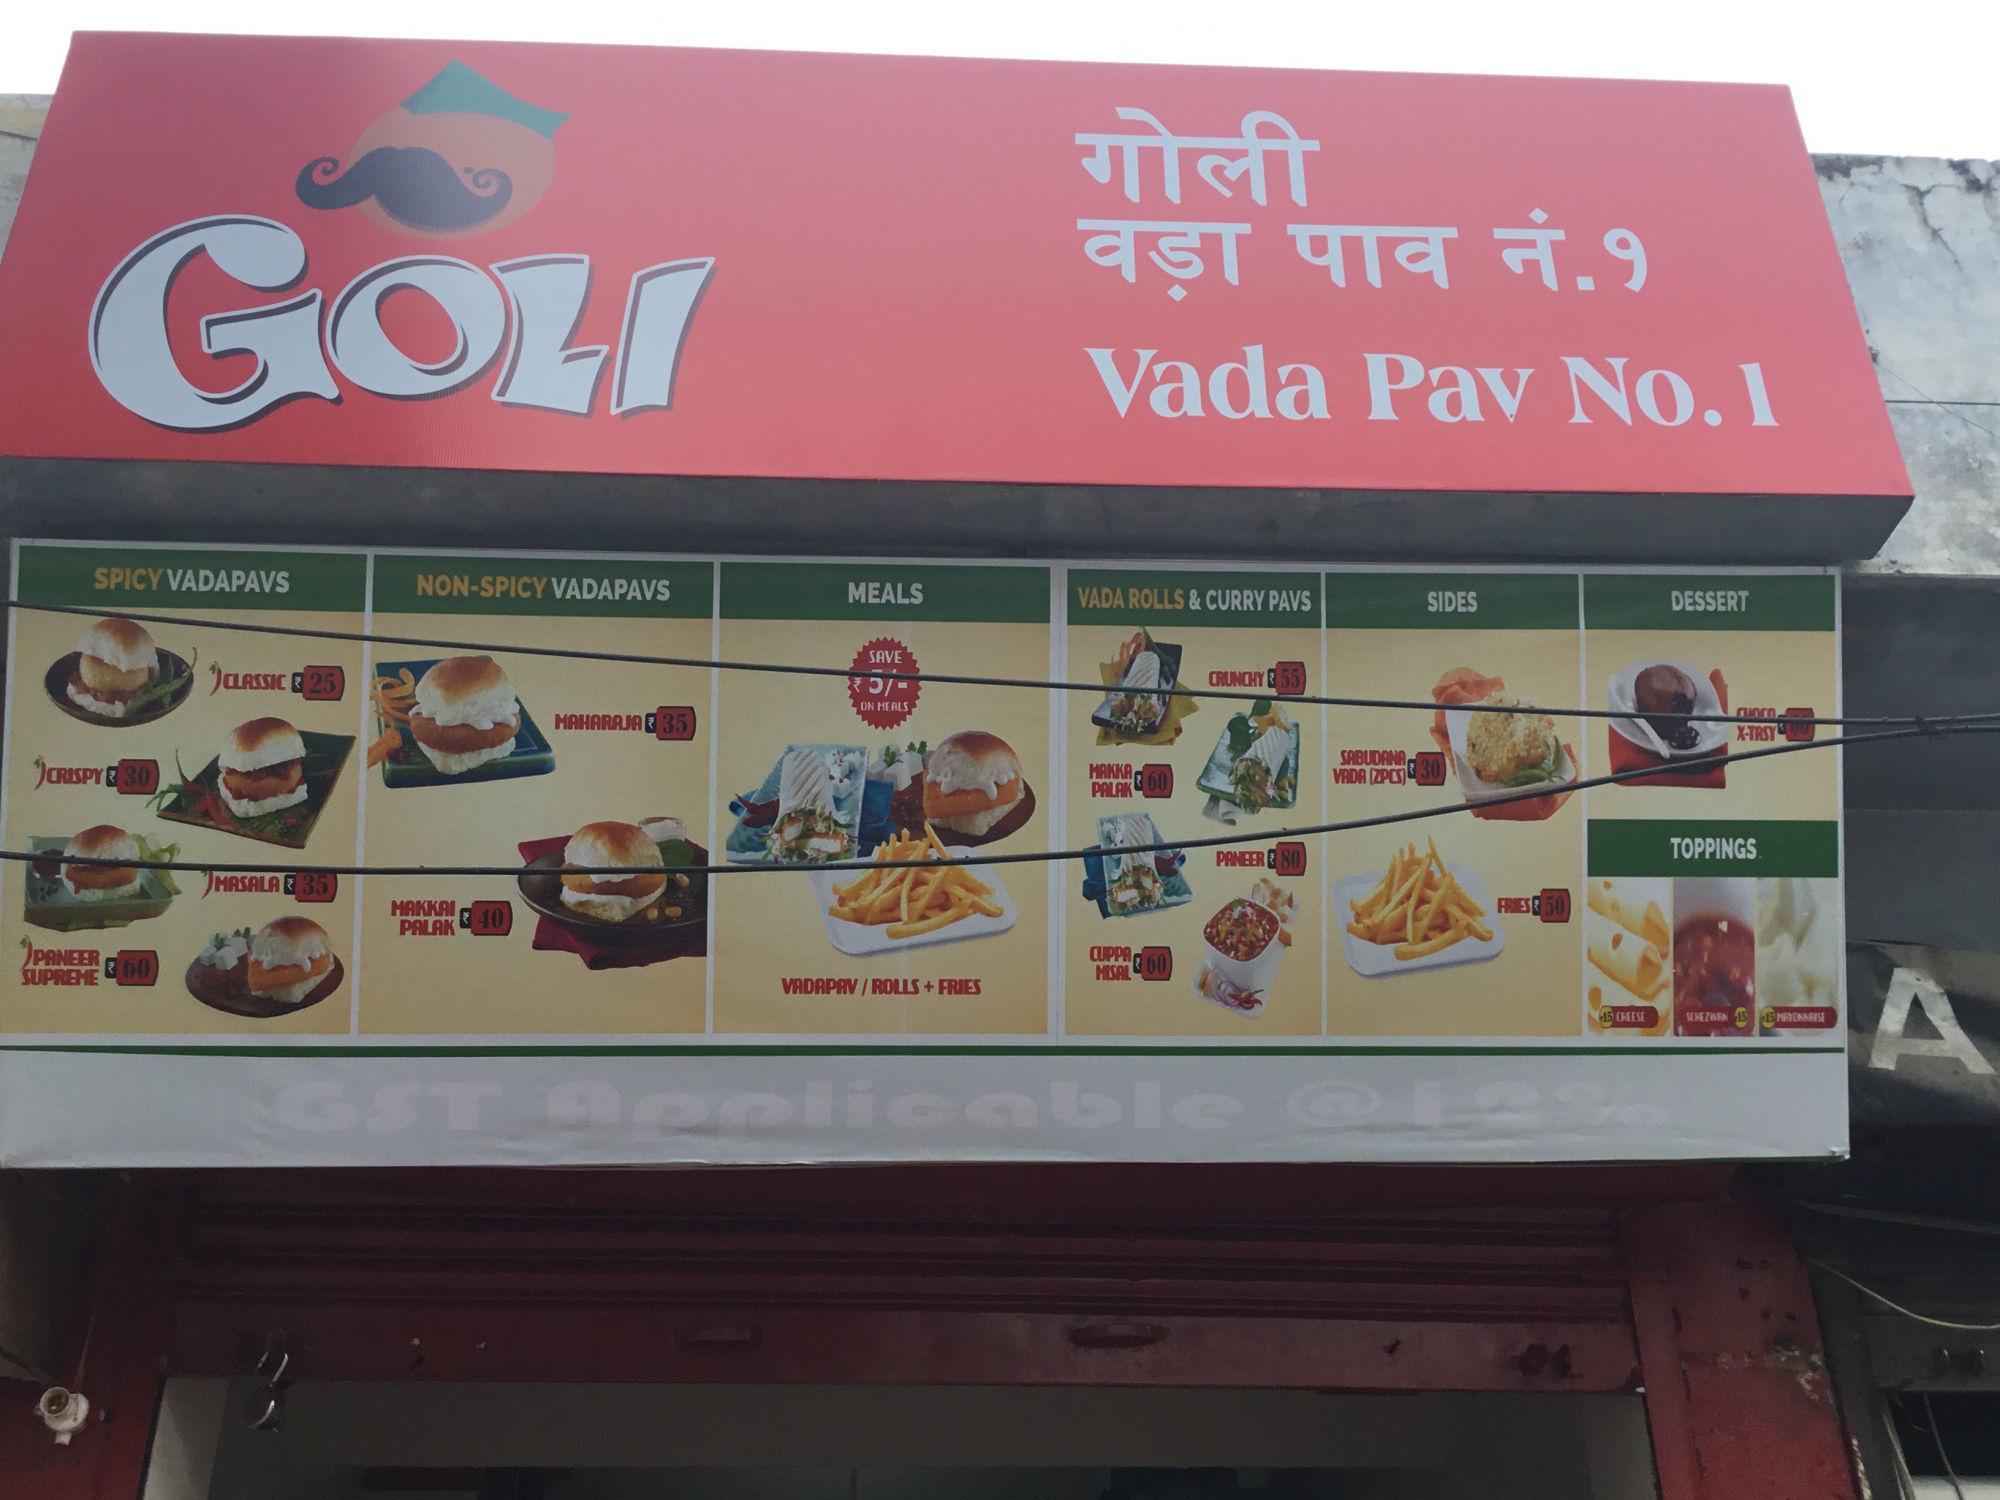 Goli Vada Pao No. 1 - Rajajipuram - Lucknow Image